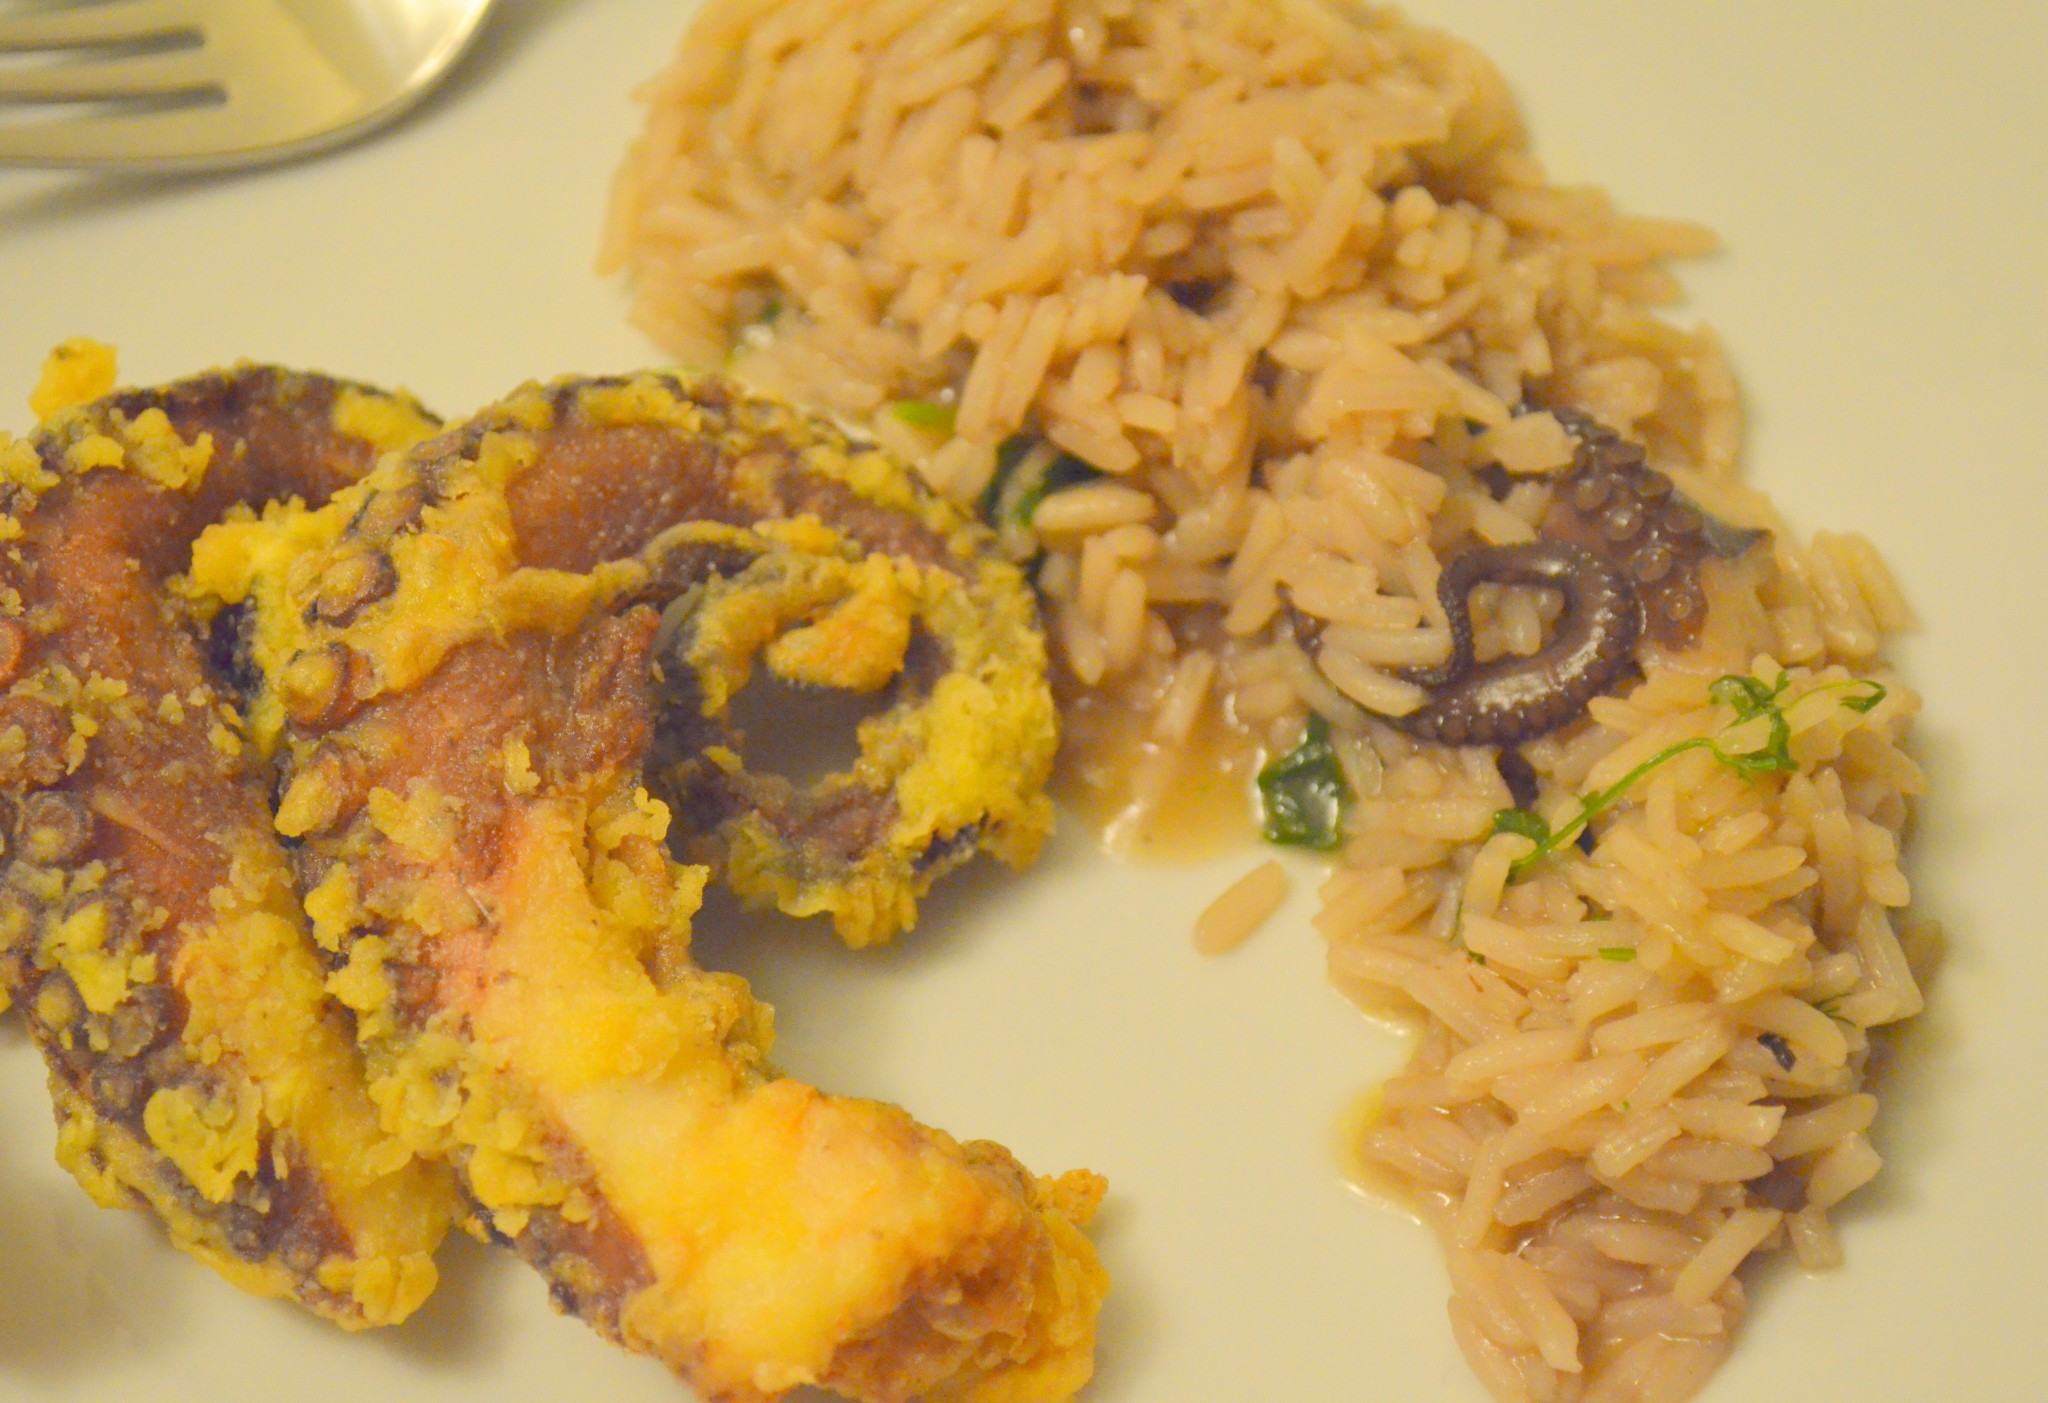 Polvo frito com arroz do mesmo